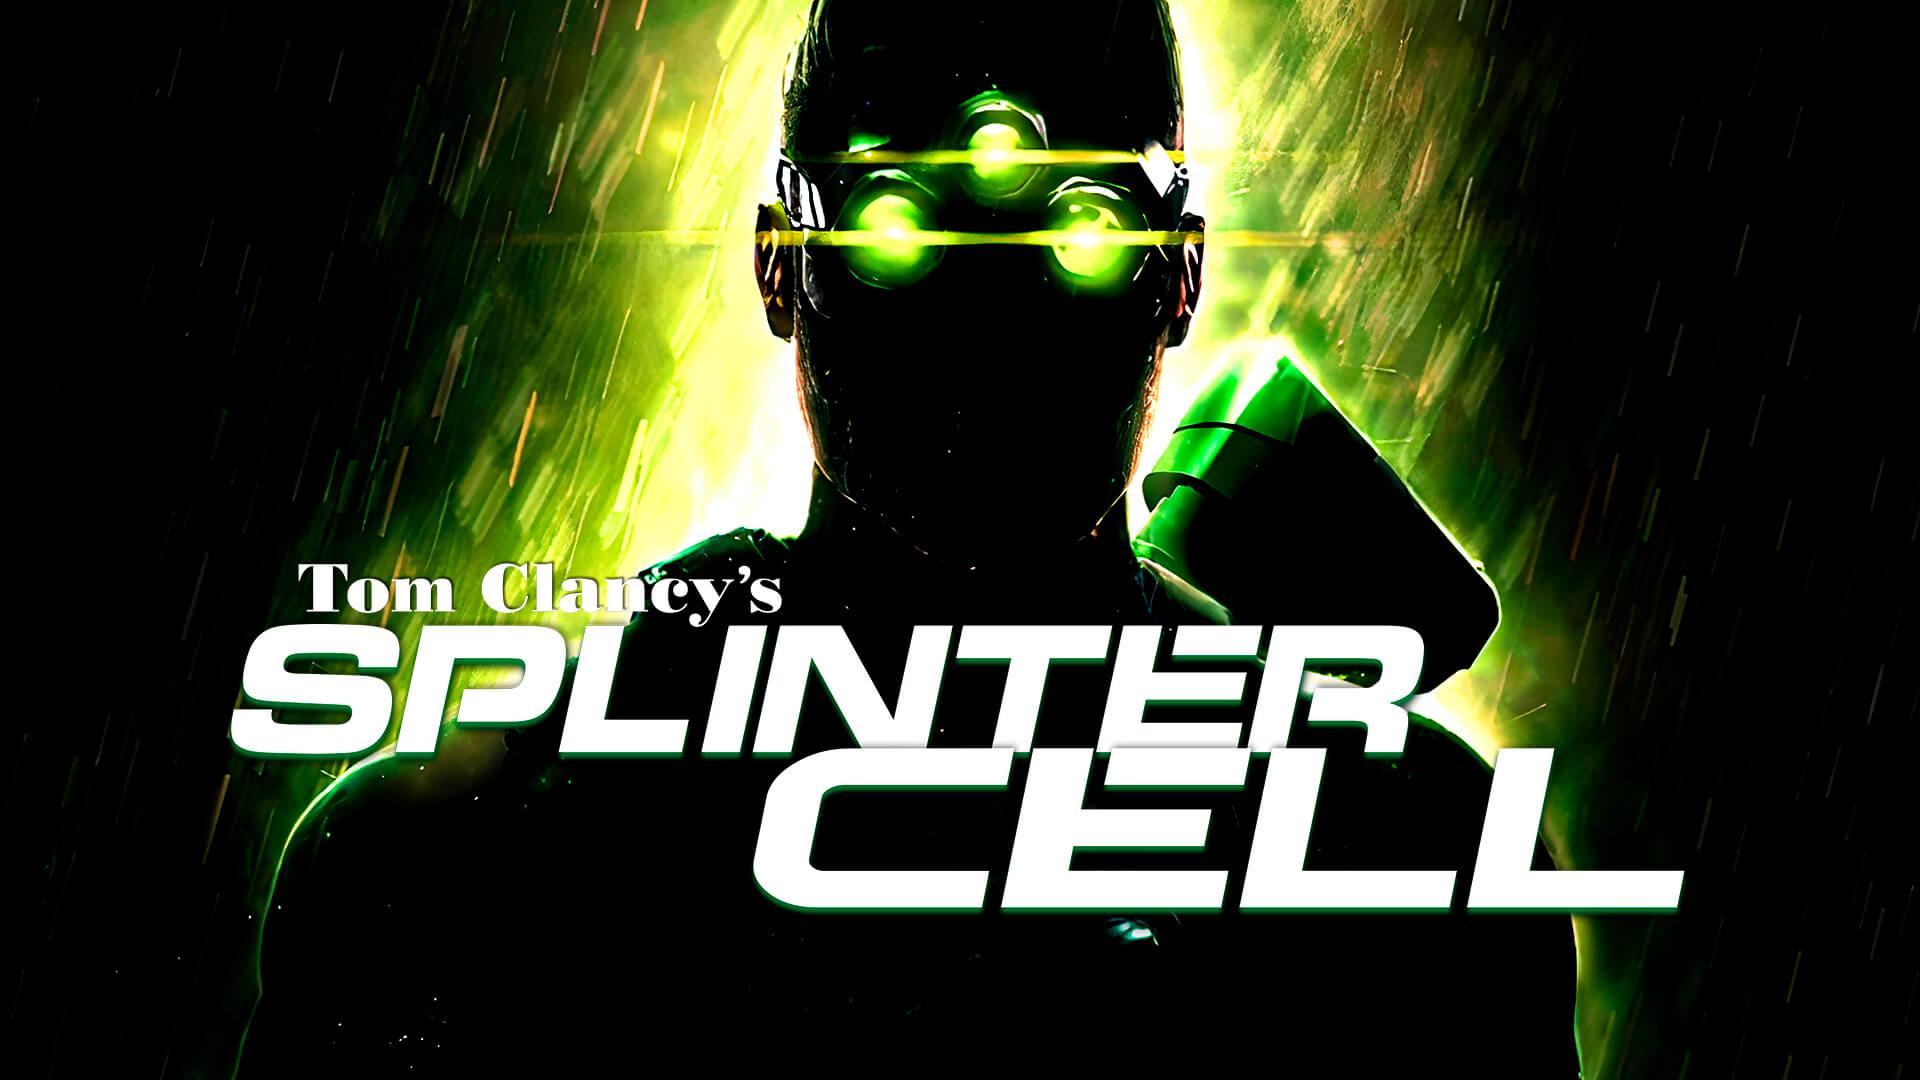 Tom Clancy's Splinter Cell vai completar no próximo ano 20 anos, sendo assim, um fã fez um vídeo homenageando esta incrível obra dos tempos áureos da Ubisoft.